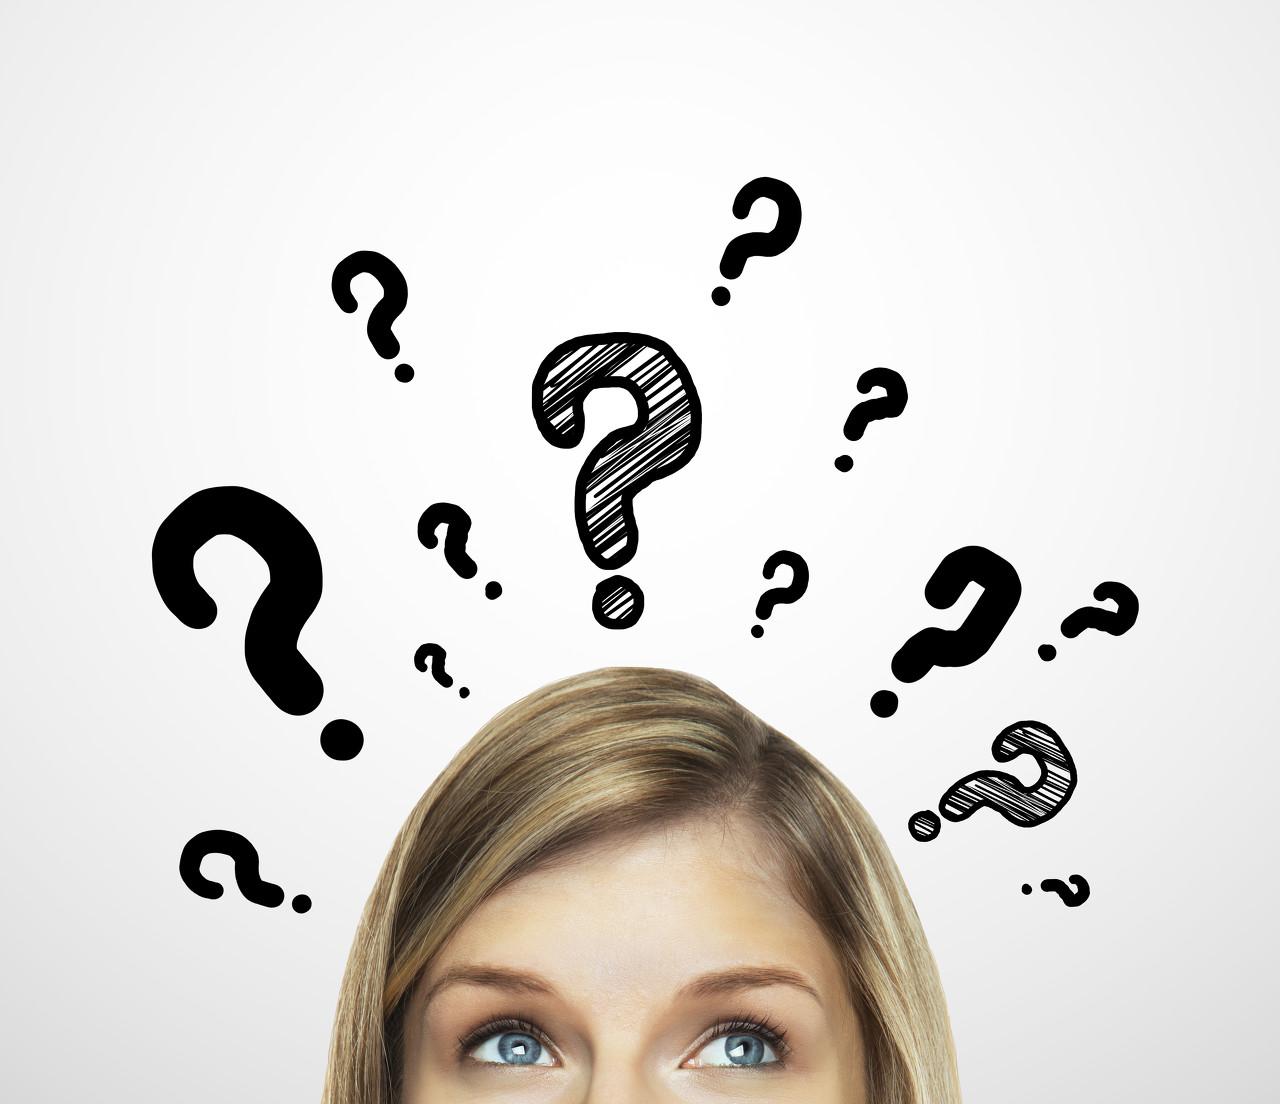 氟斑牙是怎么来的?氟斑牙有哪些症状?